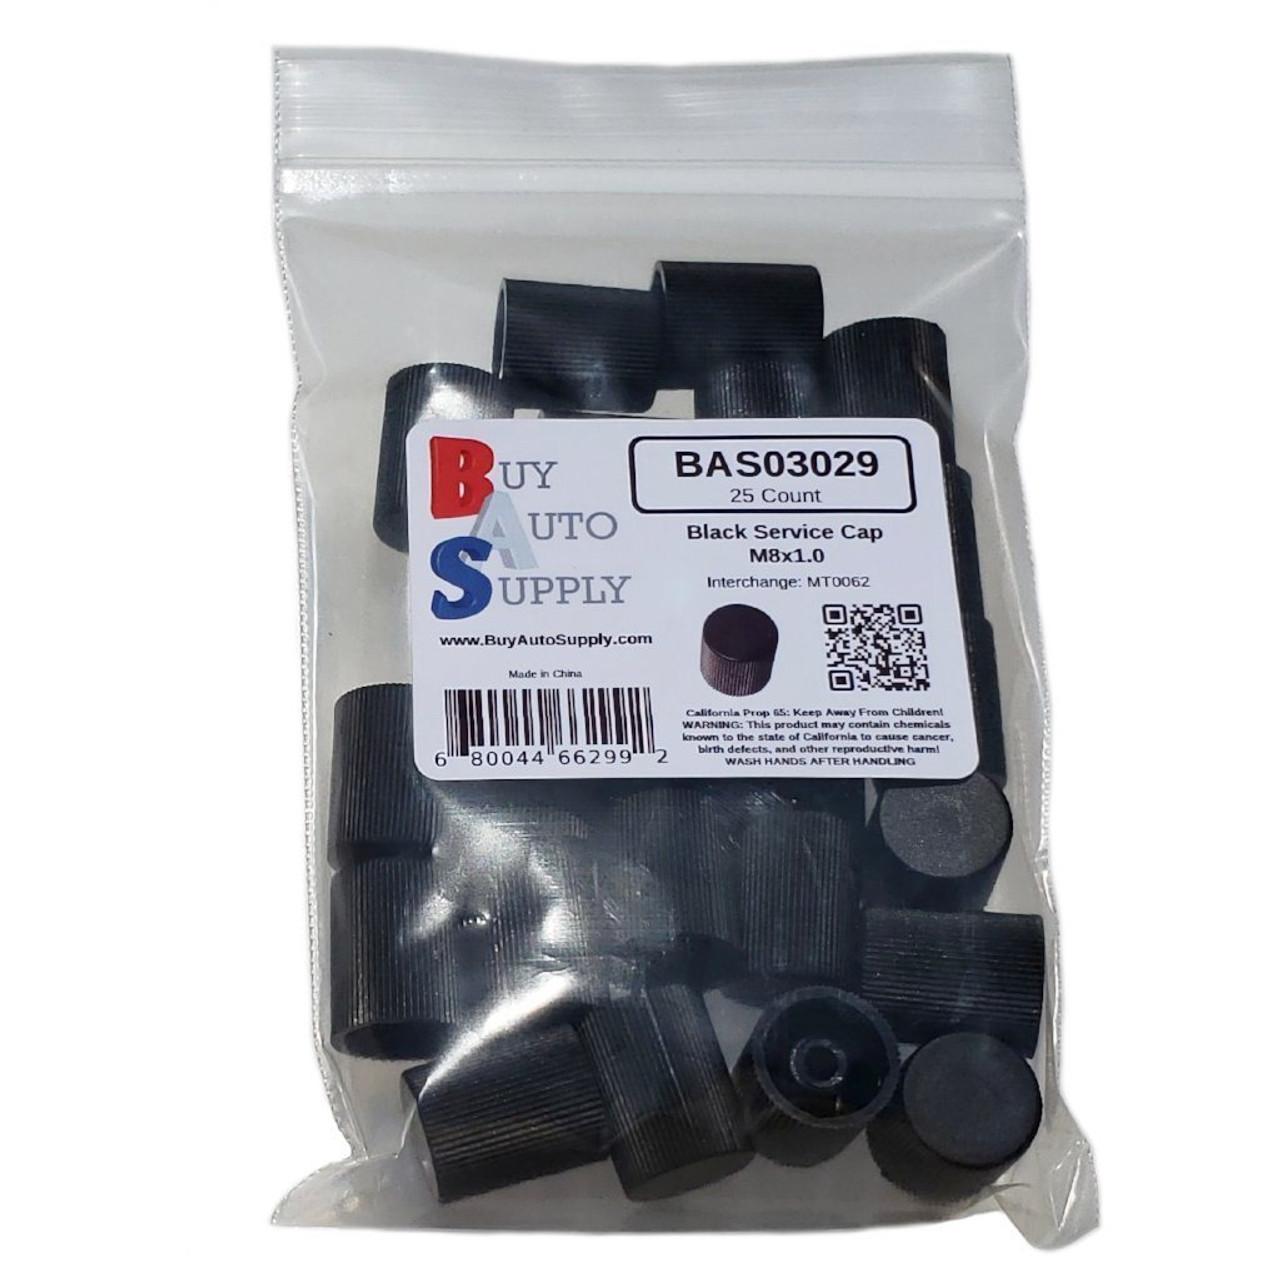 Bag of 25 AC Service Port Caps - Black Low Side M8x1.0 - Interchanges: MT0062, 59937